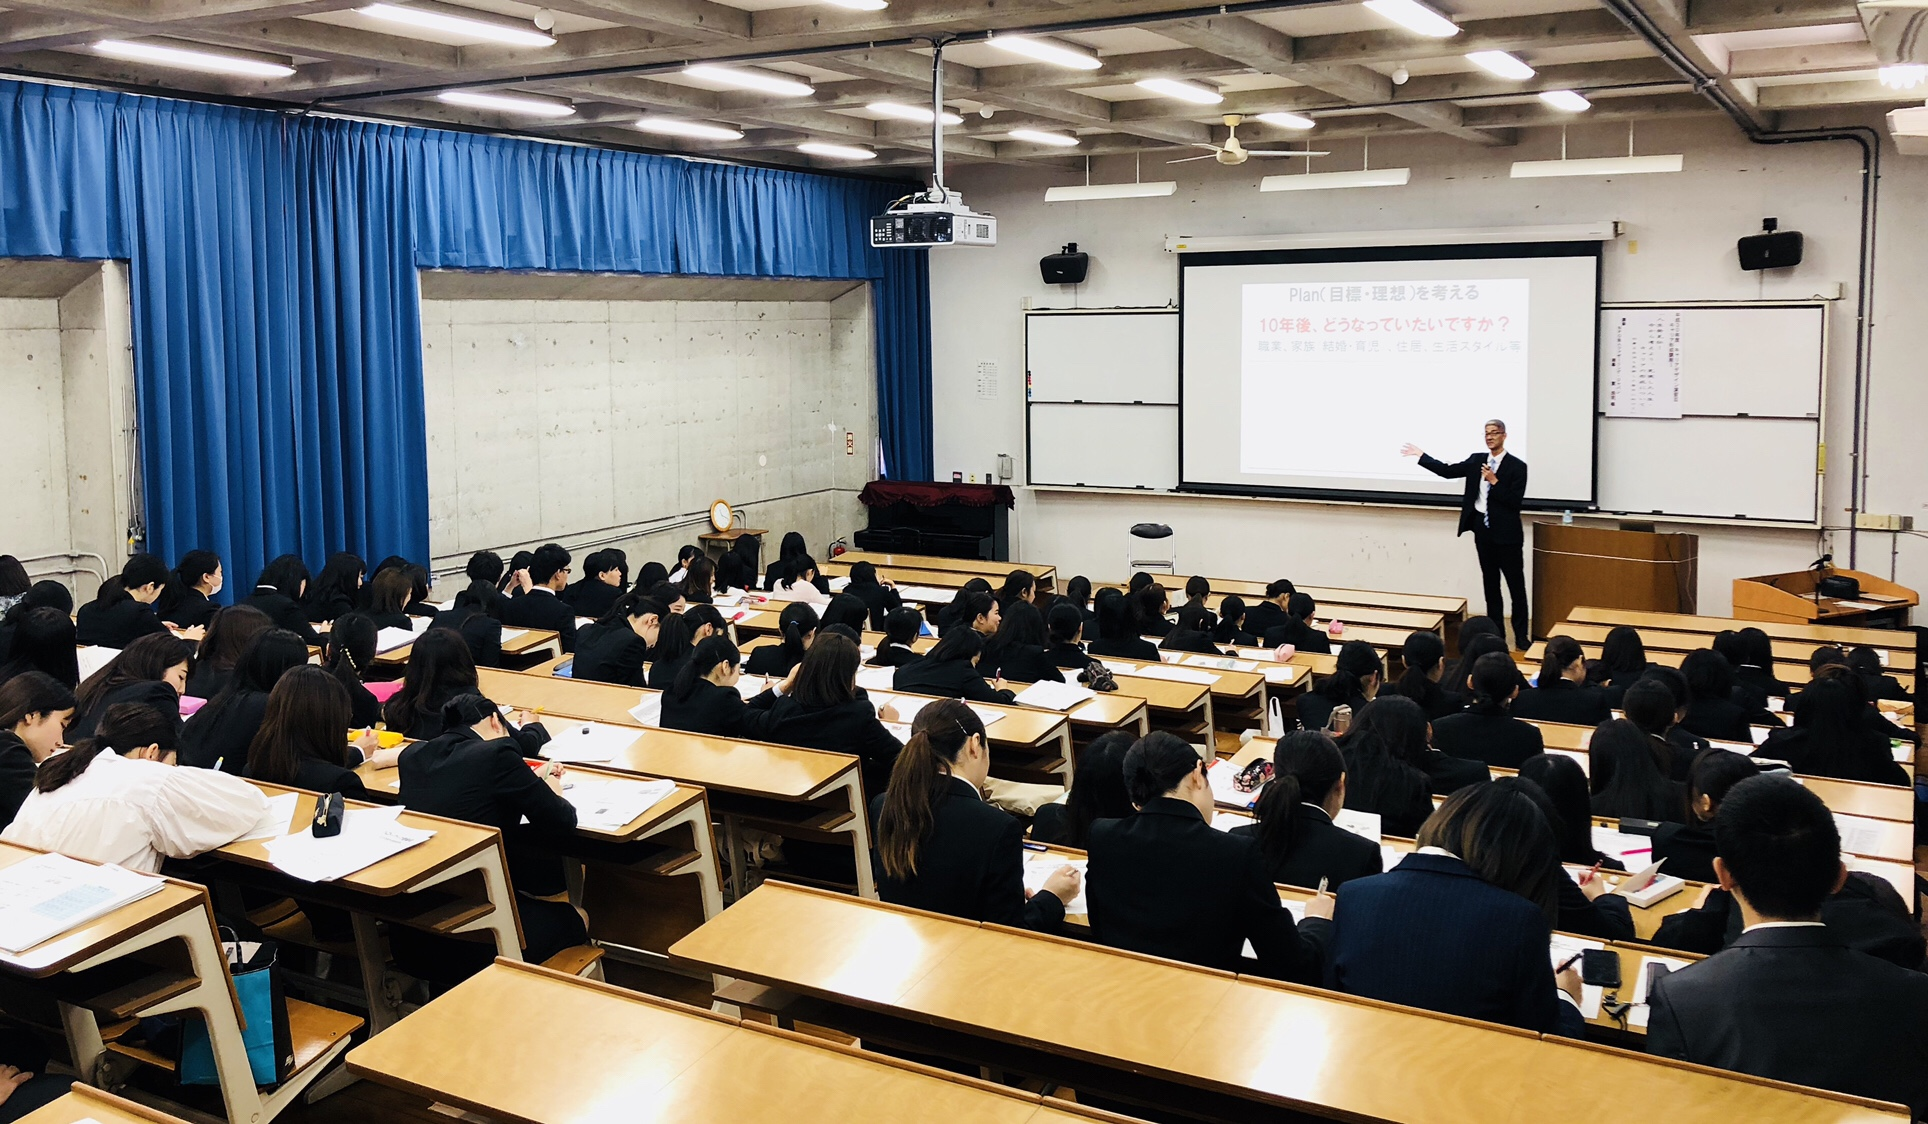 金城大学短期大学部で二週連続の出番〜石川県の講師派遣事業で